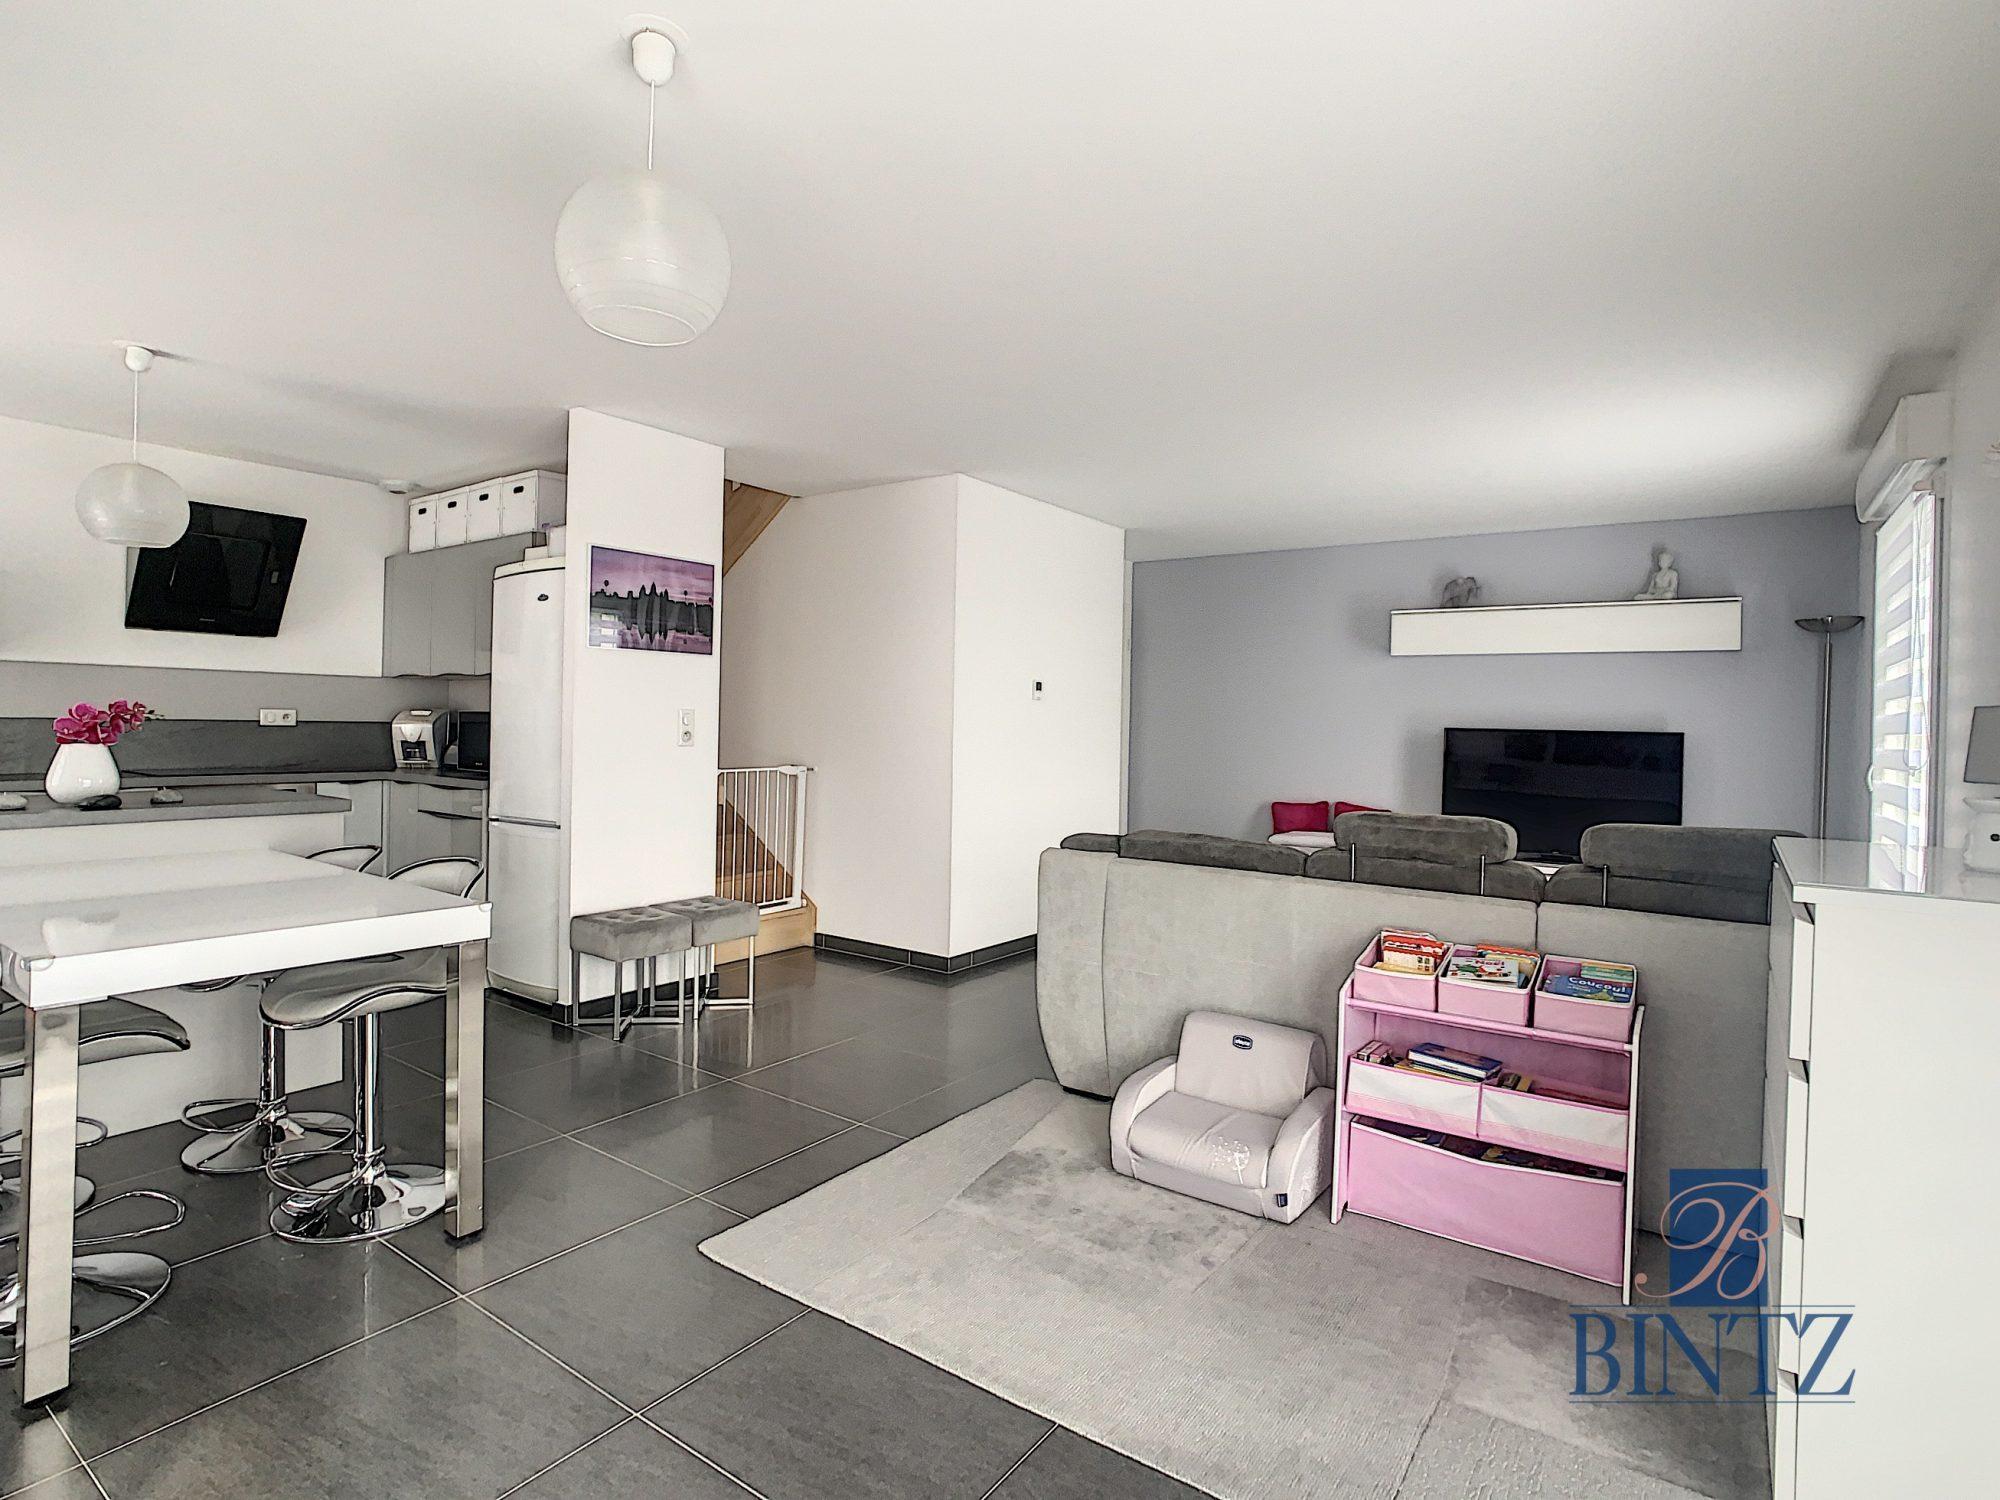 Appartement 4 pièces Duplex rez-de-jardin - Devenez propriétaire en toute confiance - Bintz Immobilier - 5